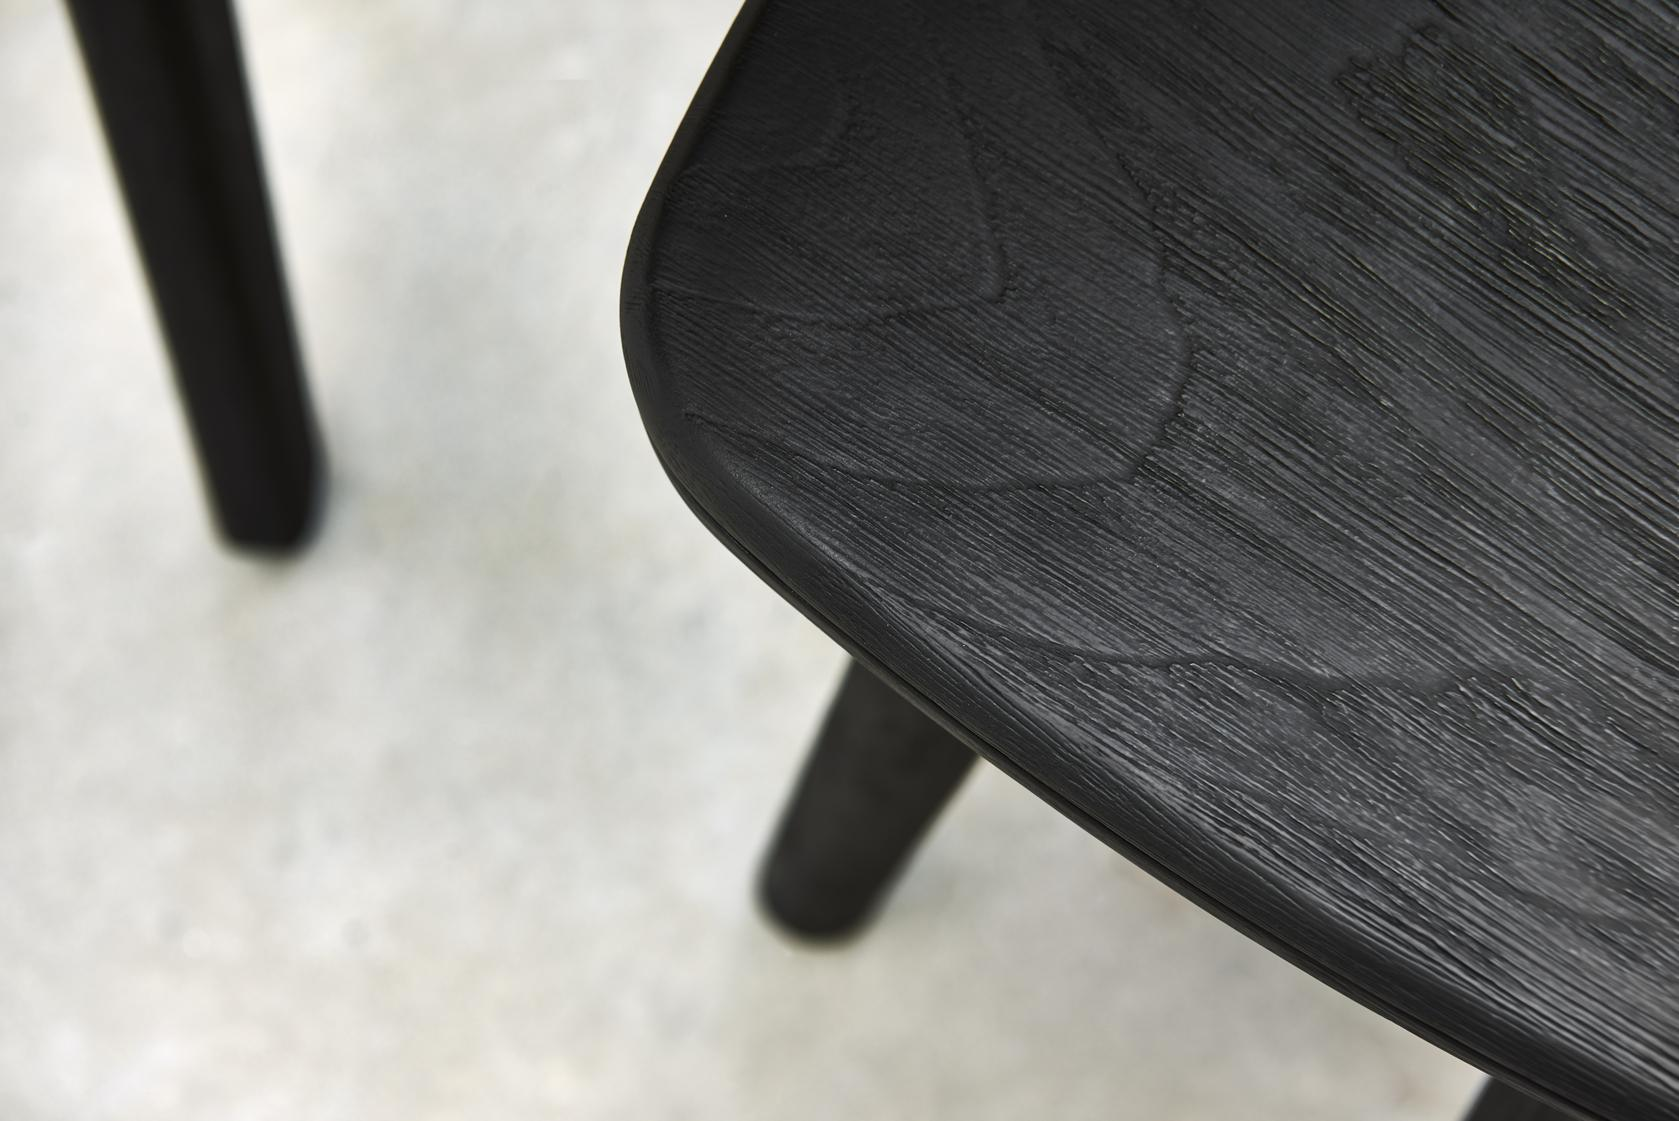 brushed-teak-nero-perfectly-balancing-indulgence-and-sophistication